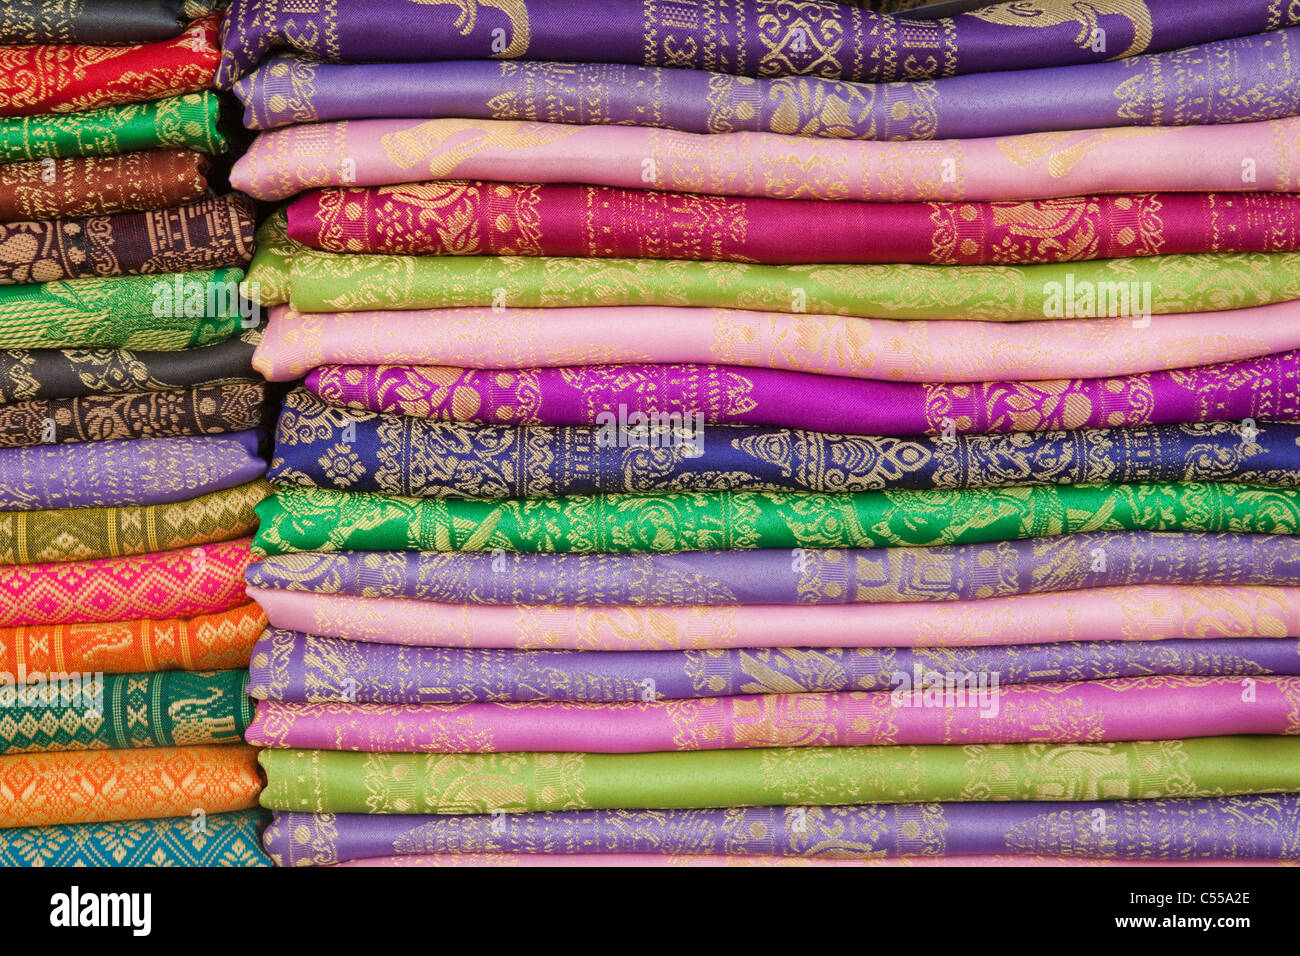 Detalle de tejido de seda, Phnom Penh, Camboya Imagen De Stock